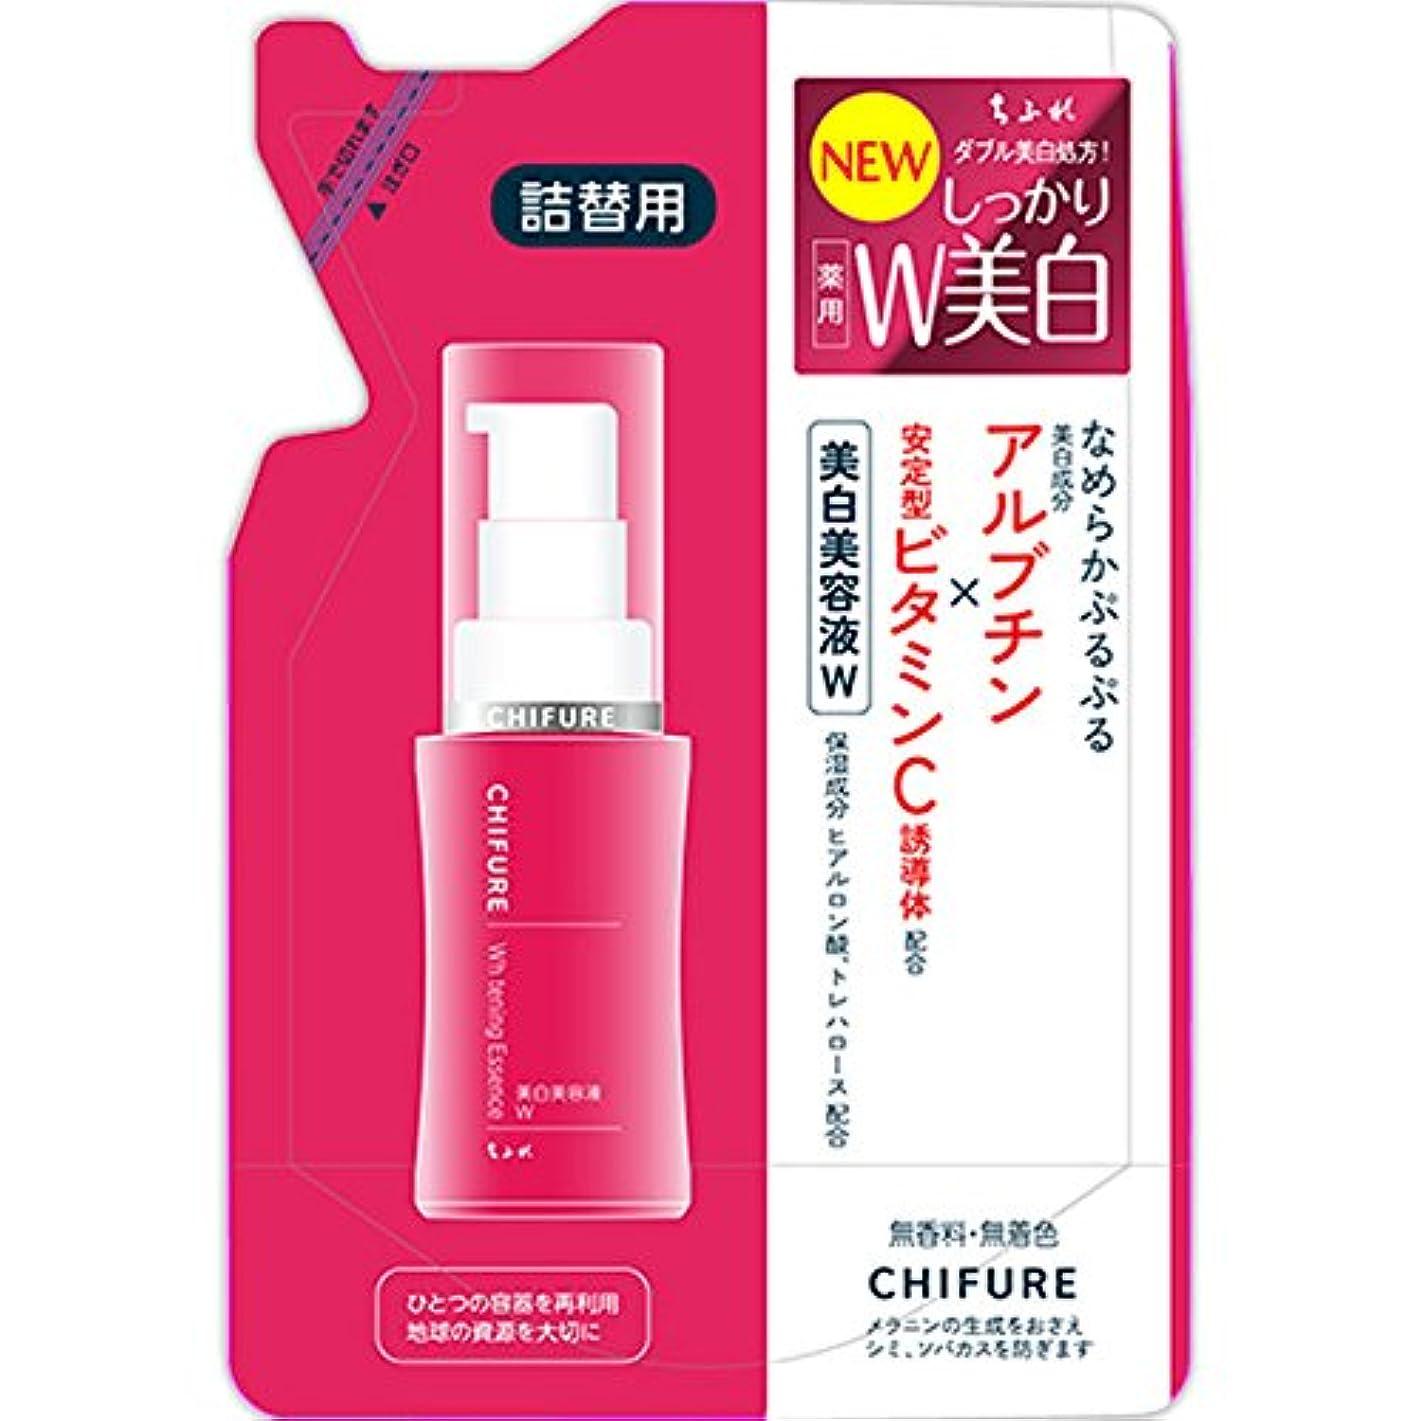 延期するバナー慣らすちふれ化粧品 美白美容液 W 詰替 30ML (医薬部外品)